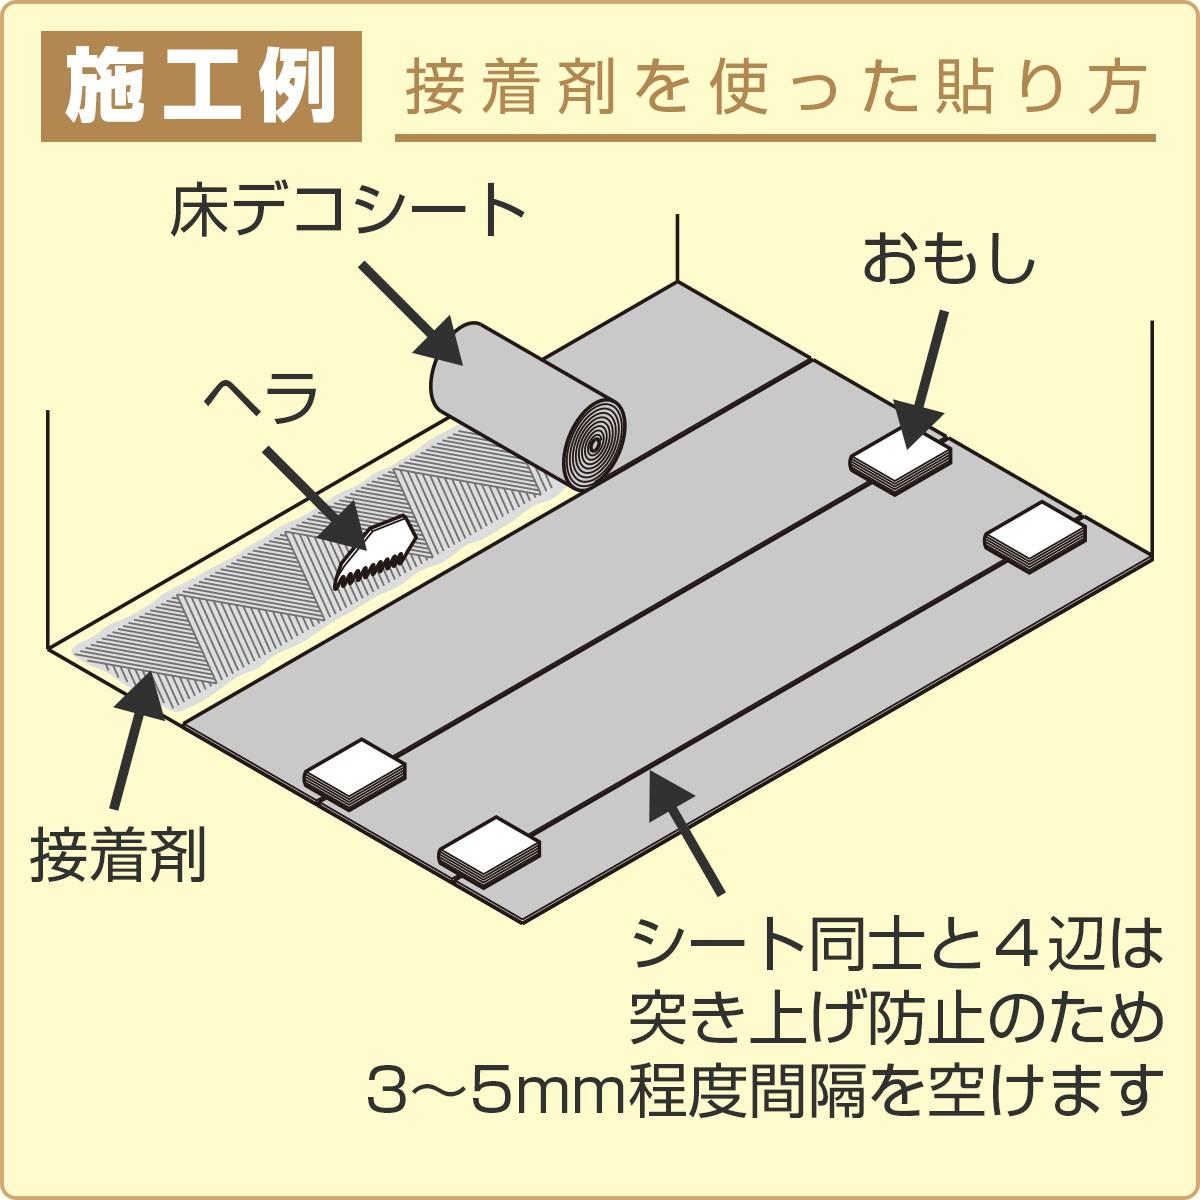 施工例 接着剤を使った貼り方シート同士と4辺は突き上げ防止のため3〜5ミリ程度間隔を空けます